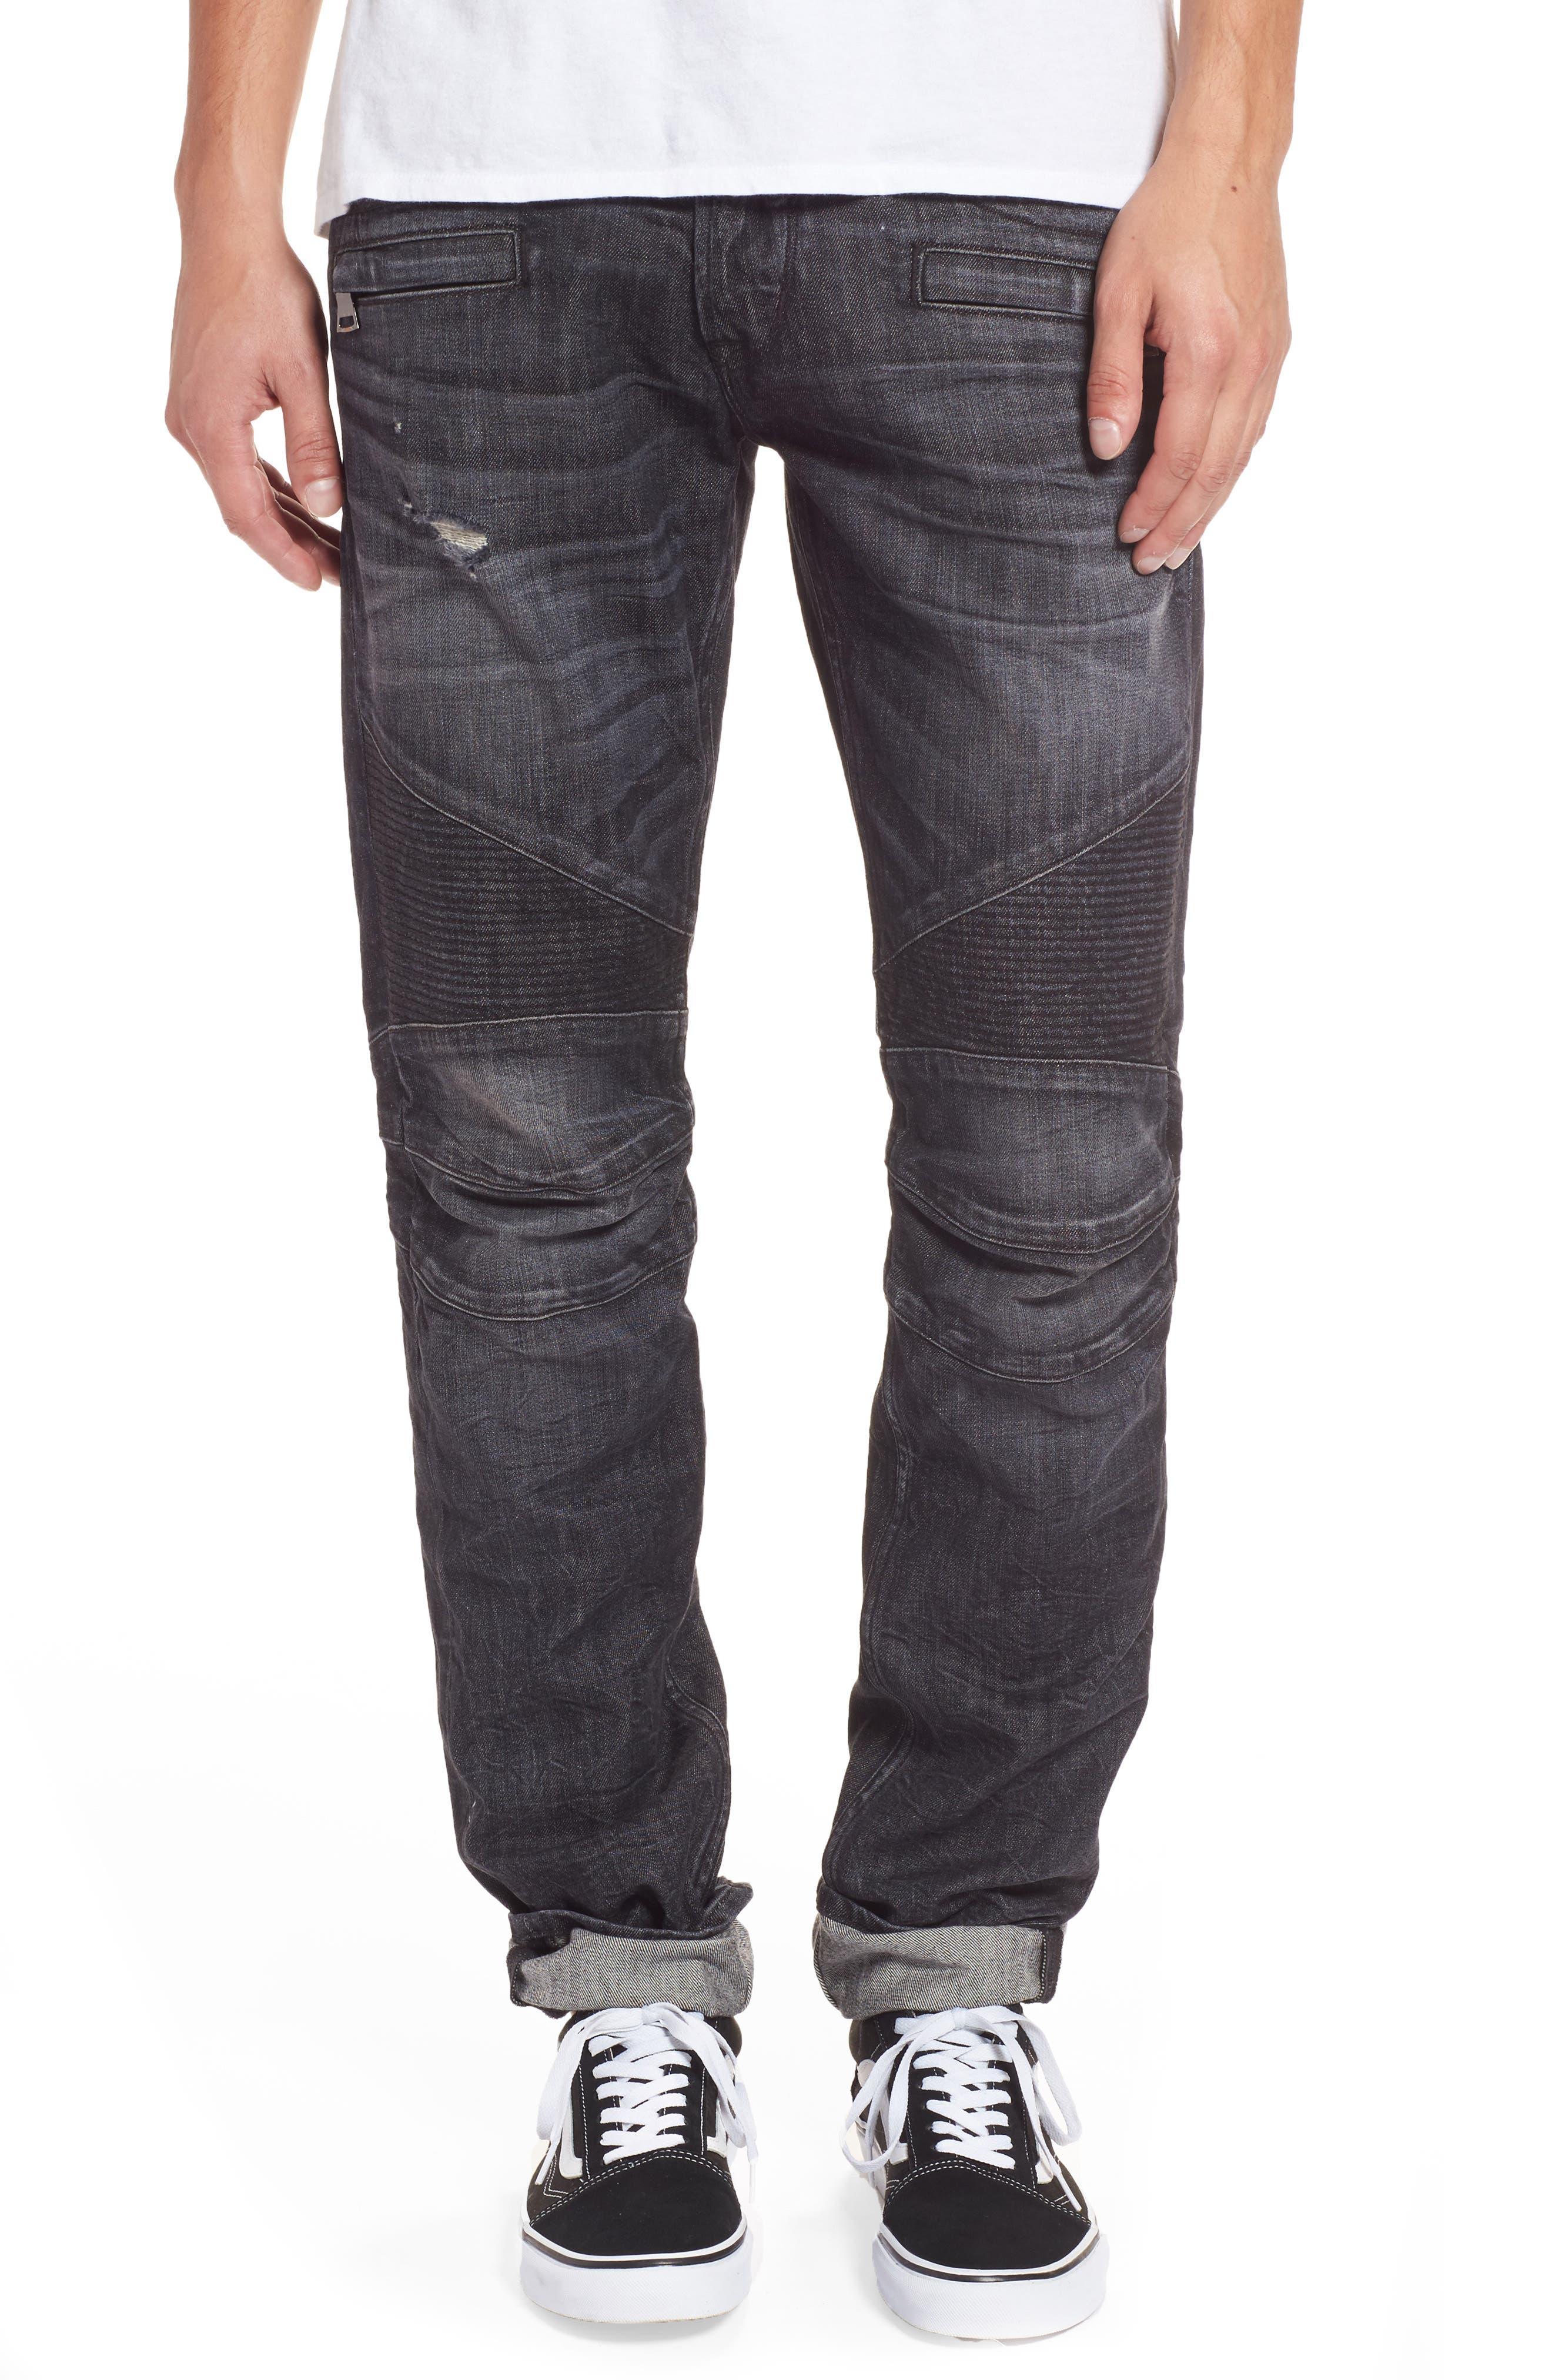 Main Image - Hudson Jeans Blinder Biker Moto Skinny Fit Jeans (Damage)